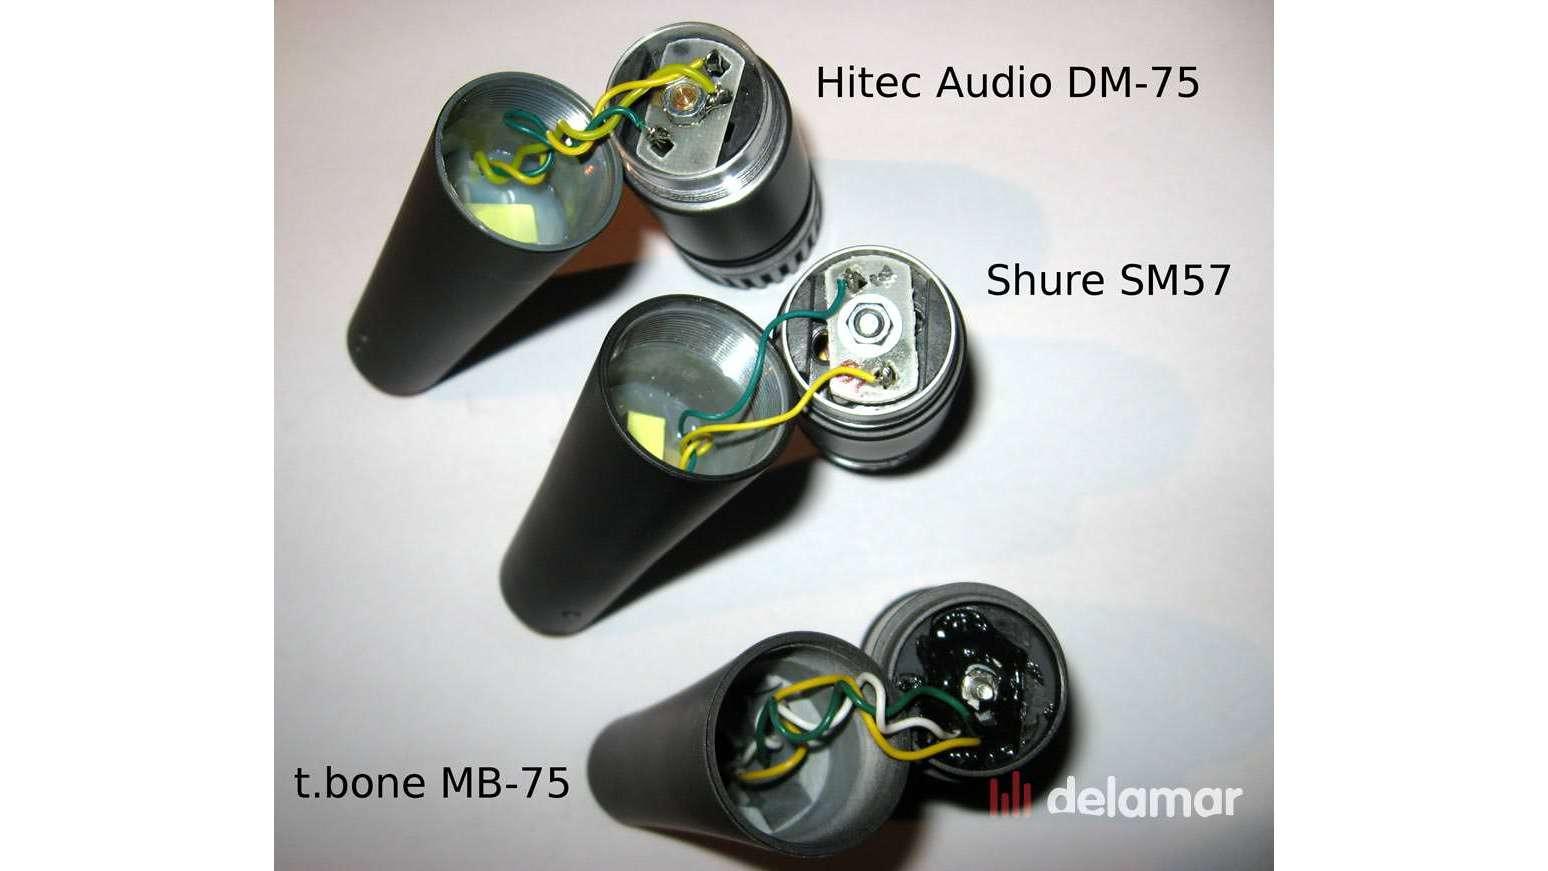 t.bone MB-75 Hitec DM-75 Shure SM57